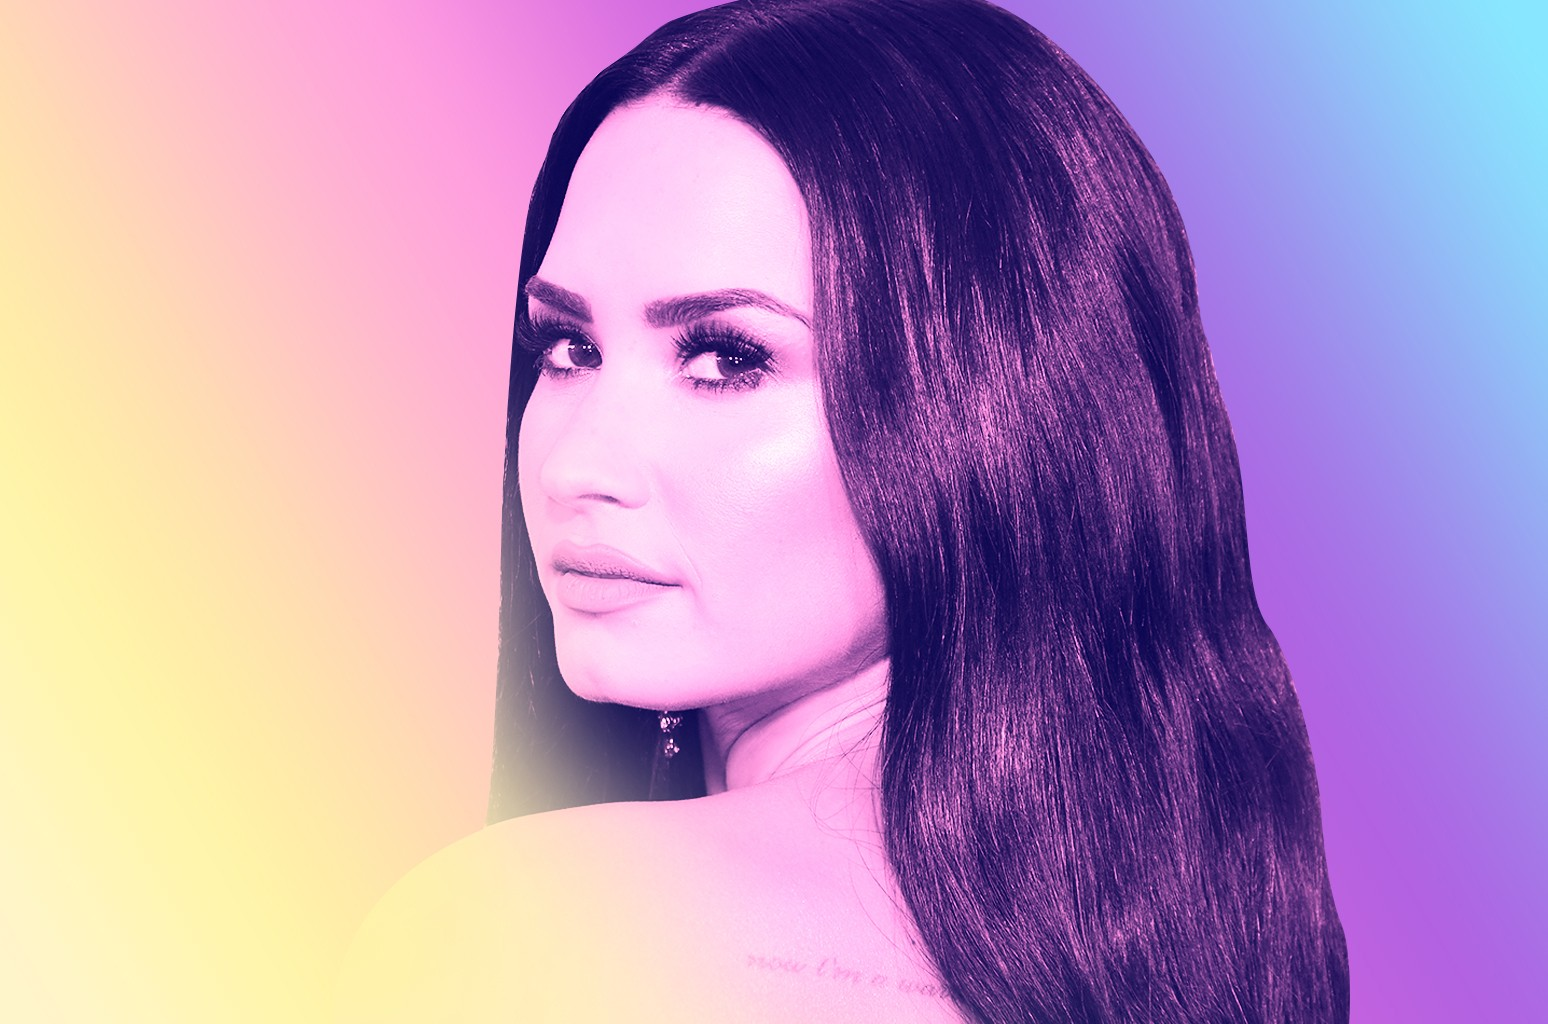 Ddemi Lovato